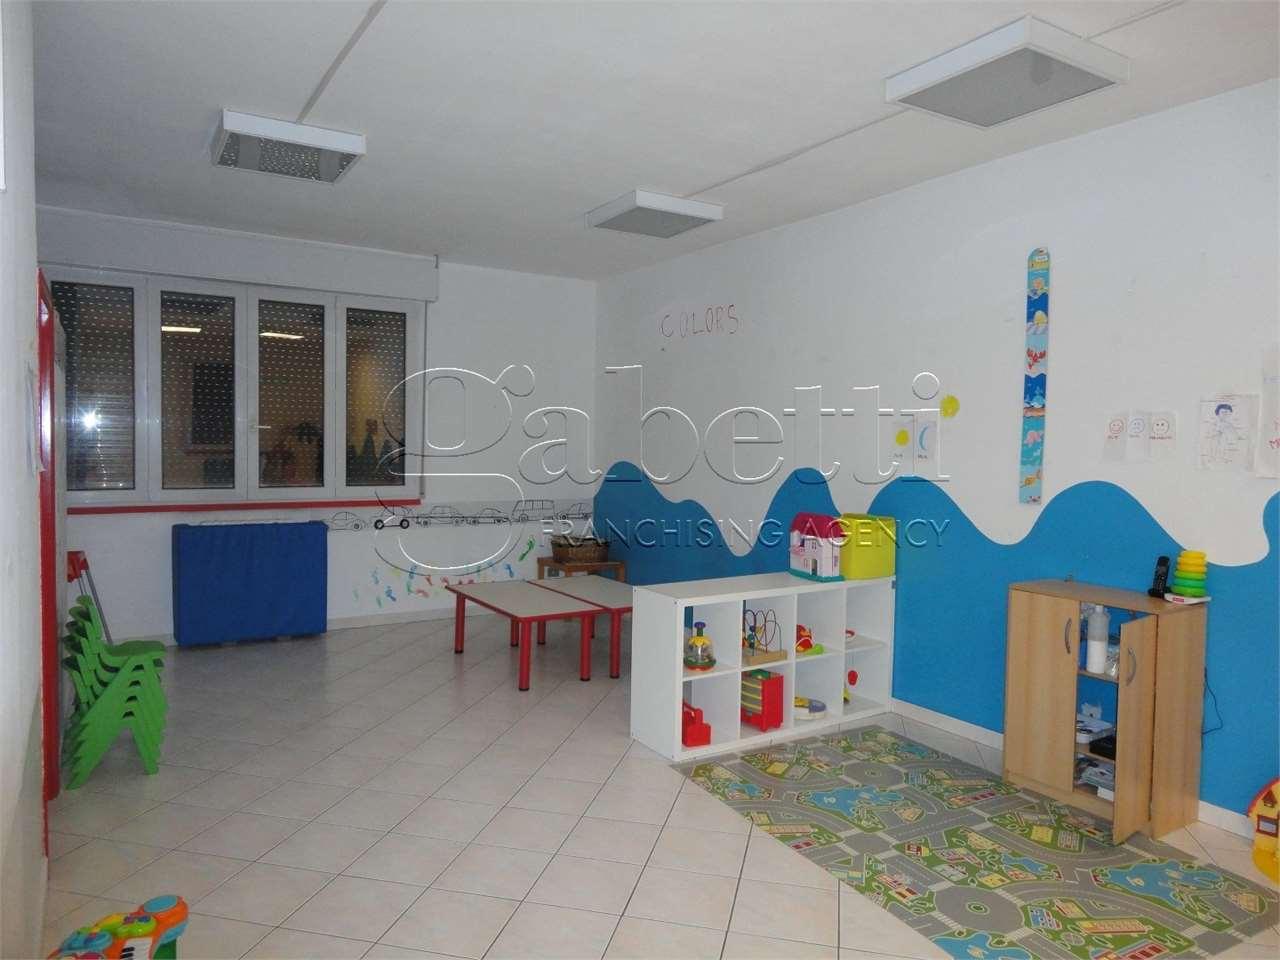 Ufficio / Studio in affitto a Ferrara, 4 locali, zona Località: Foro Boario, prezzo € 800 | PortaleAgenzieImmobiliari.it